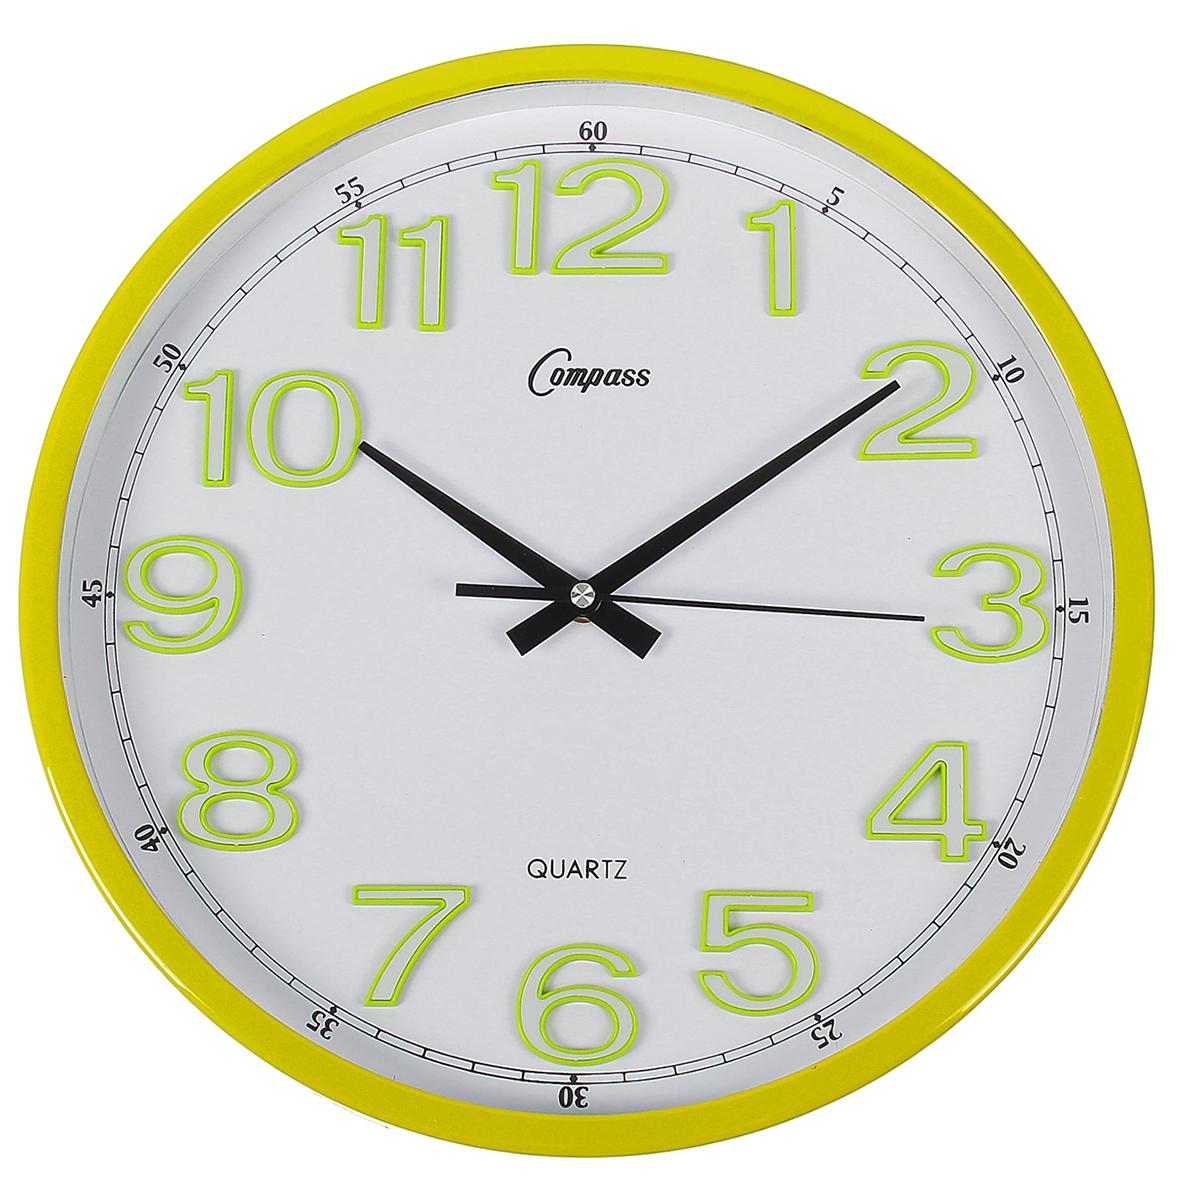 Часы настенные, цвет: желтый, белый, зеленый, диаметр 34 см1031003Каждому хозяину периодически приходит мысль обновить свою квартиру, сделать ремонт, перестановку или кардинально поменять внешний вид каждой комнаты. Часы настенные круглые Lemon, d=34 см, циферблат белый, рама желтая — привлекательная деталь, которая поможет воплотить вашу интерьерную идею, создать неповторимую атмосферу в вашем доме. Окружите себя приятными мелочами, пусть они радуют глаз и дарят гармонию.Часы настенные круг, рама желтая тонкая, циферблат белый, цифры в зеленой кайме d=34см 1031003